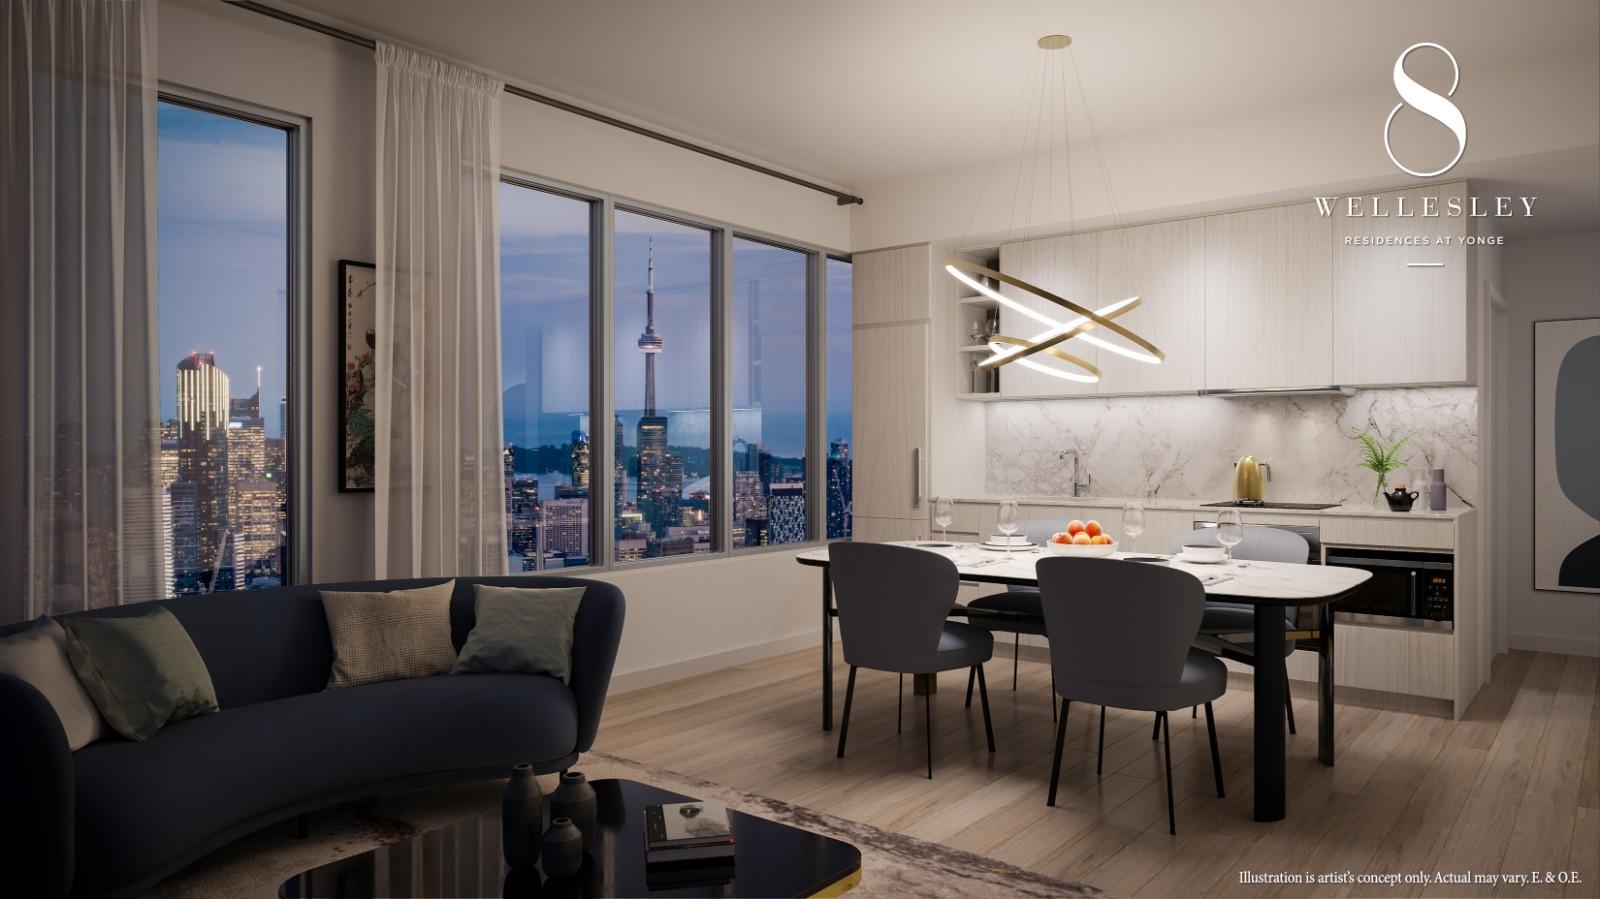 8 Wellesley Suite Interior -Enlightened